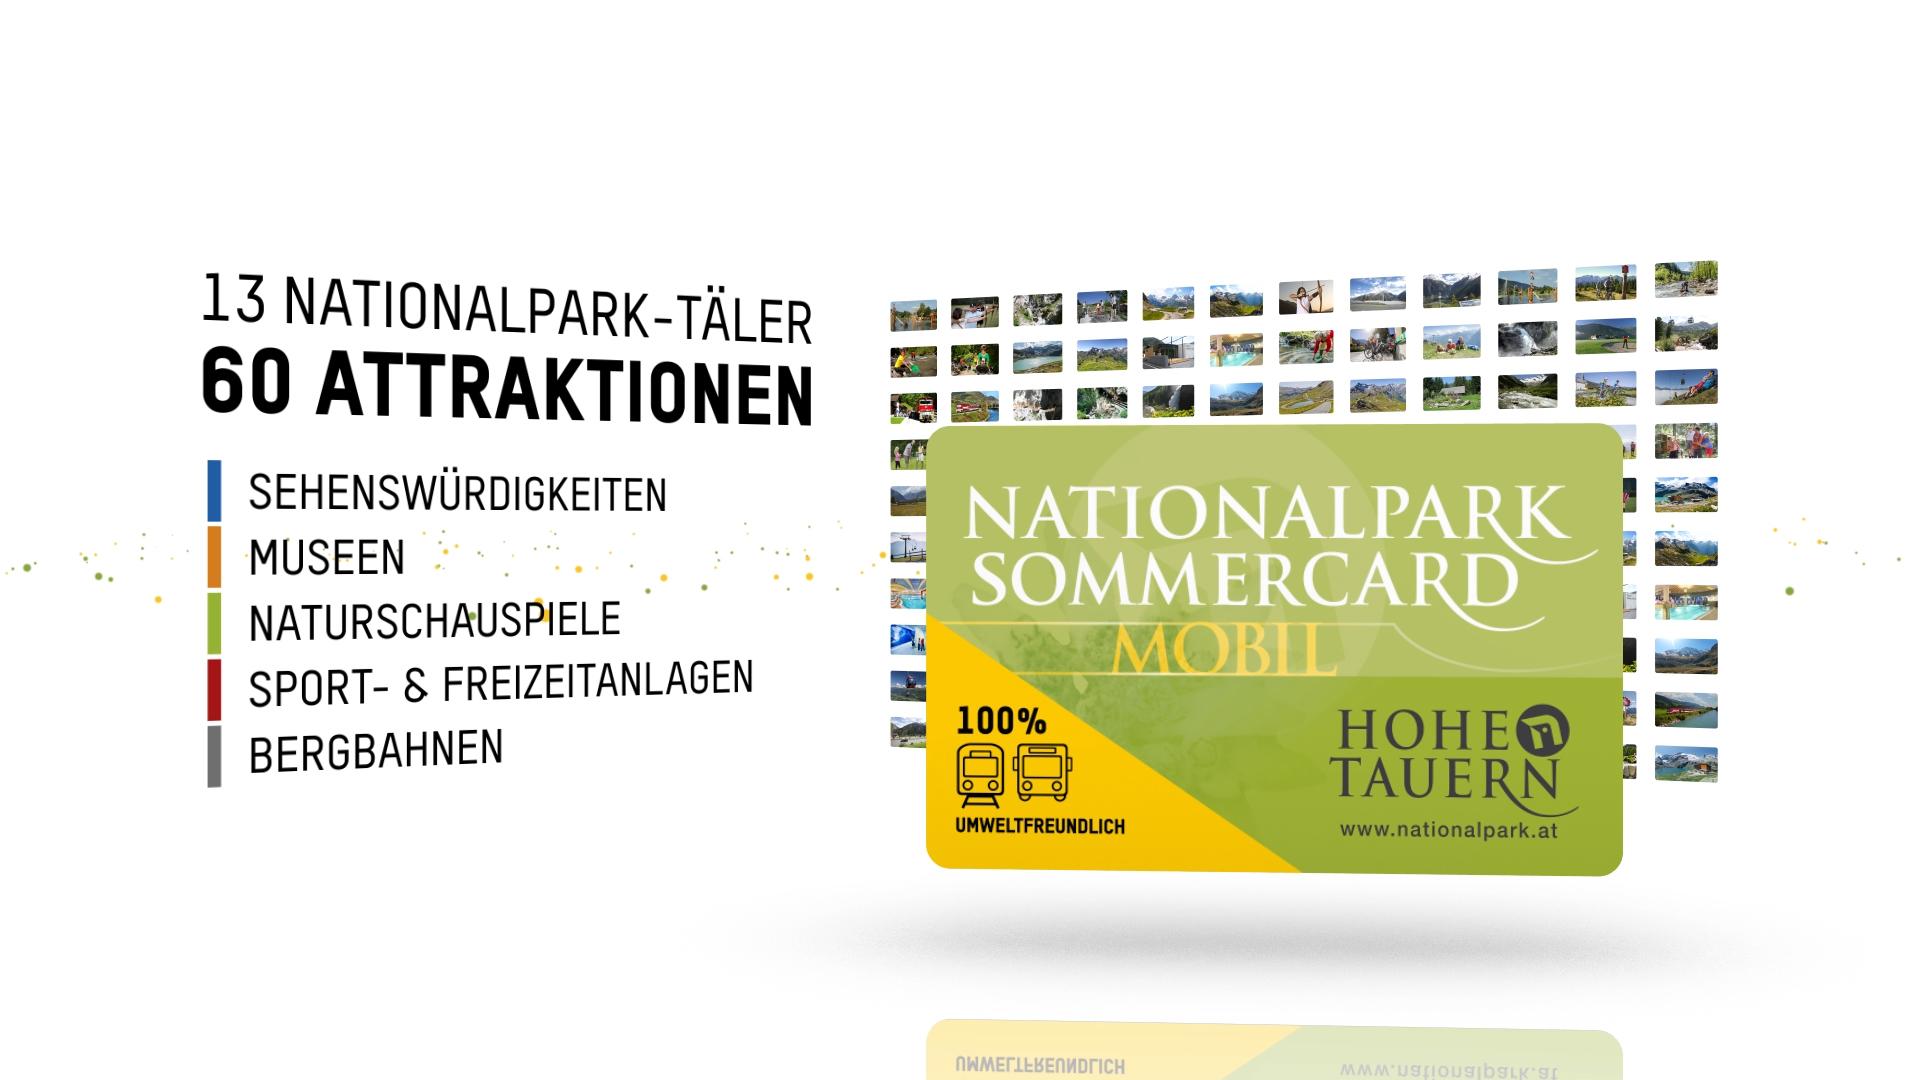 NPHT_Sommercard_2.jpg